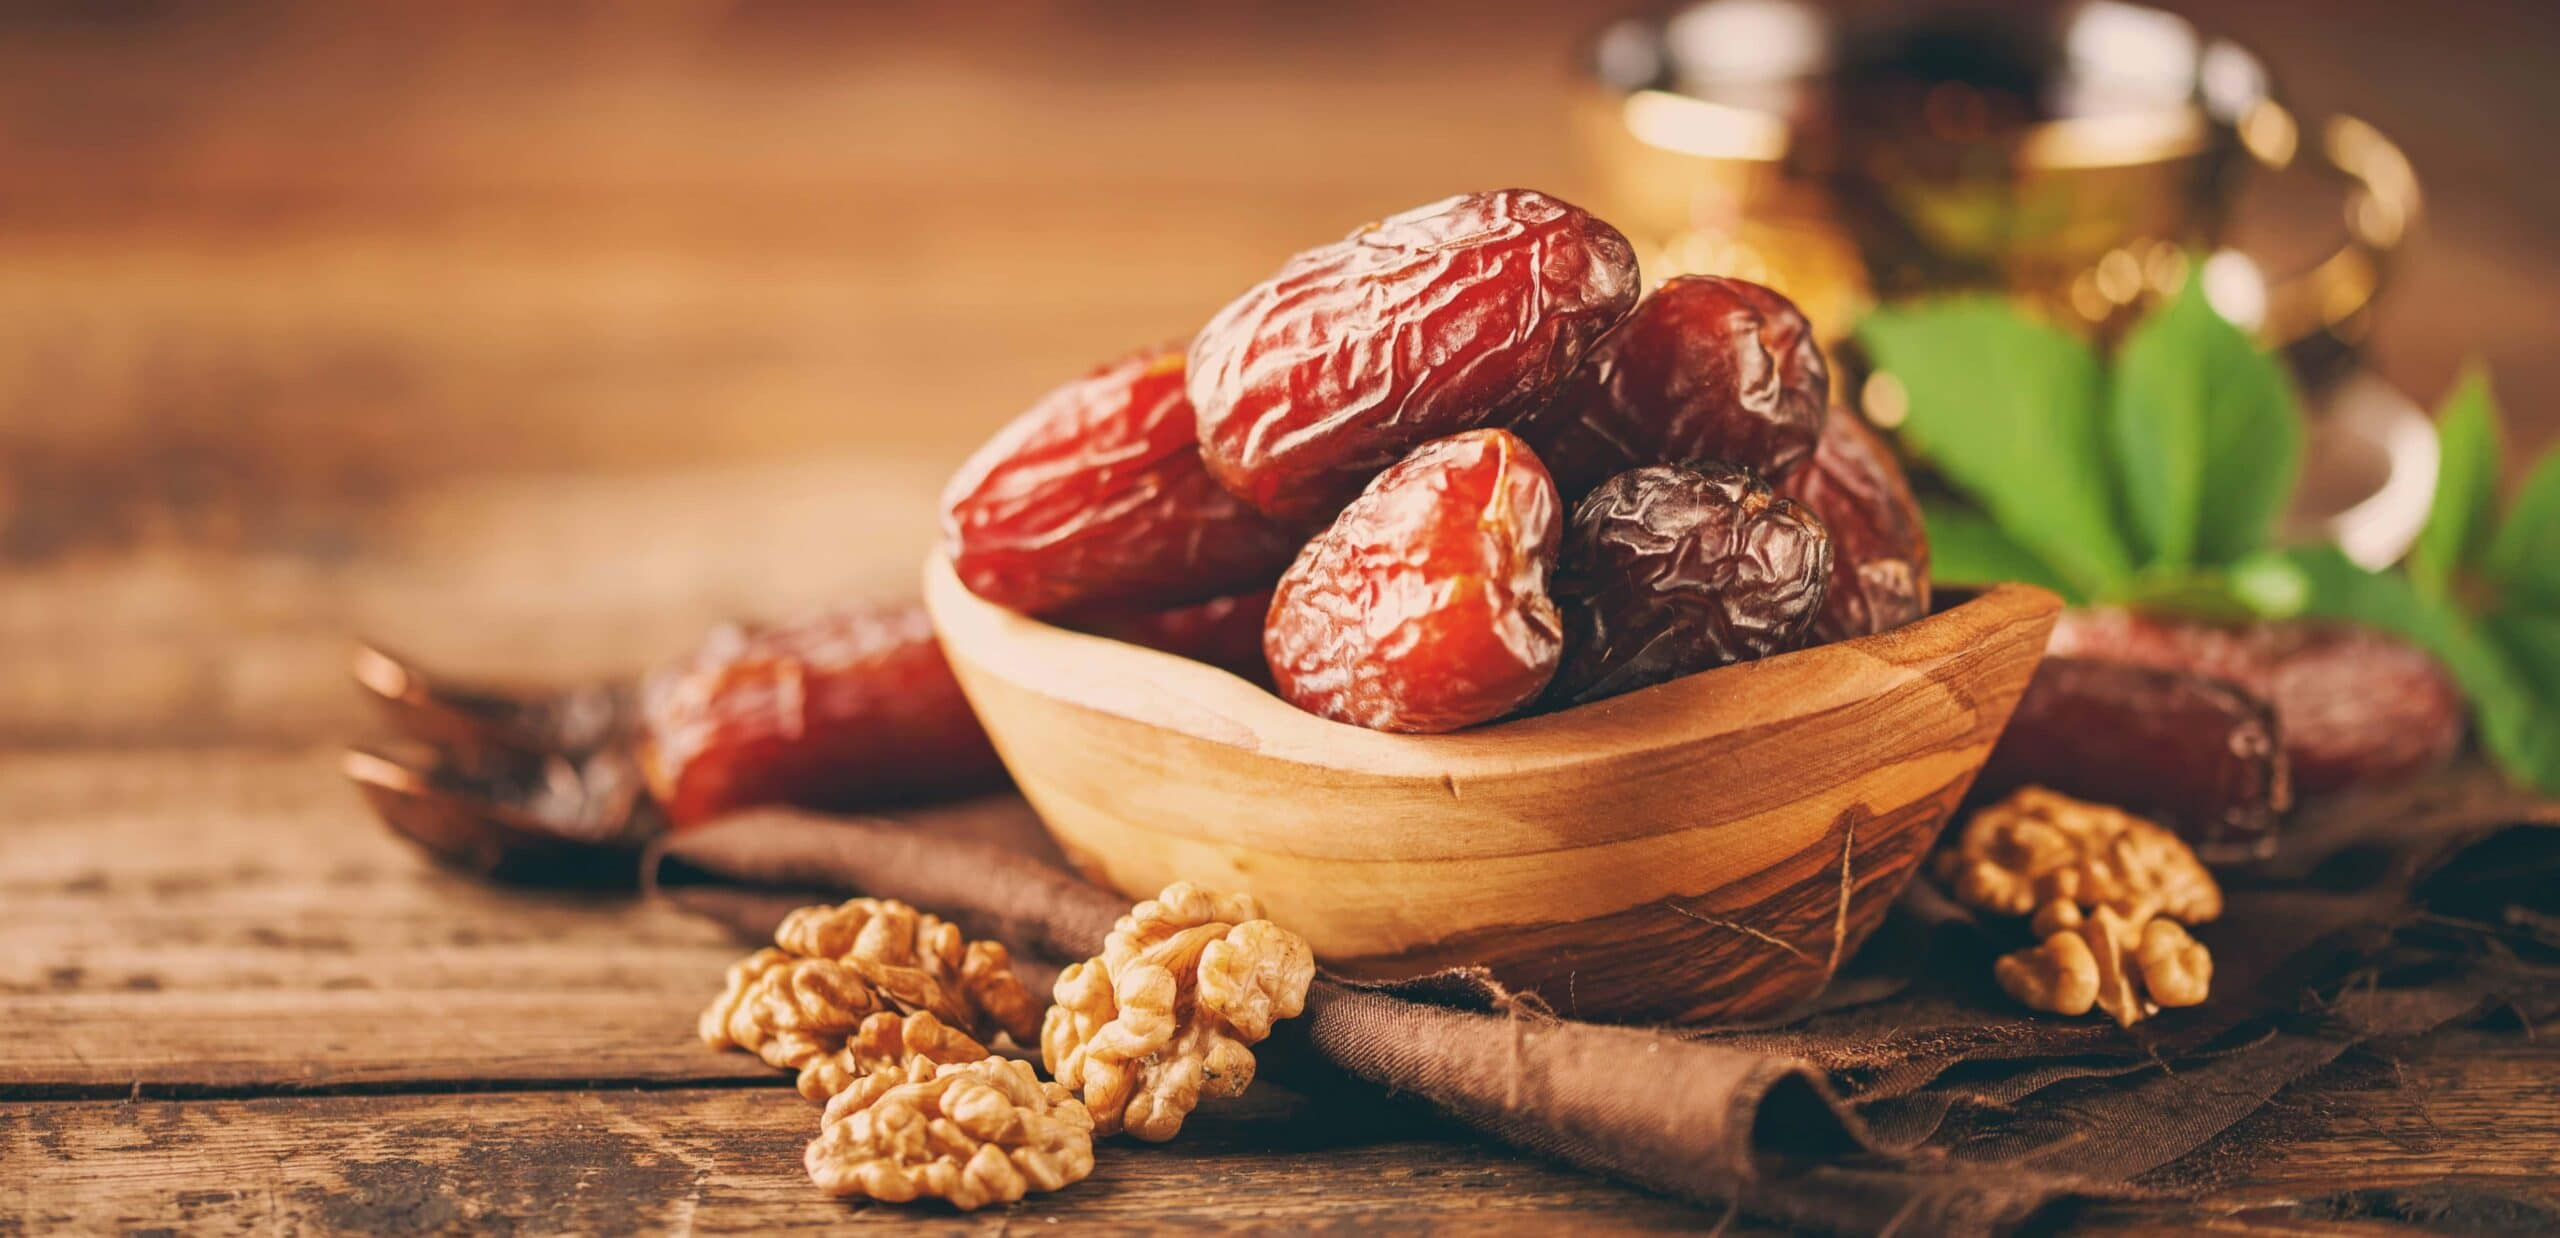 datteri benefici e proprietà nella dieta